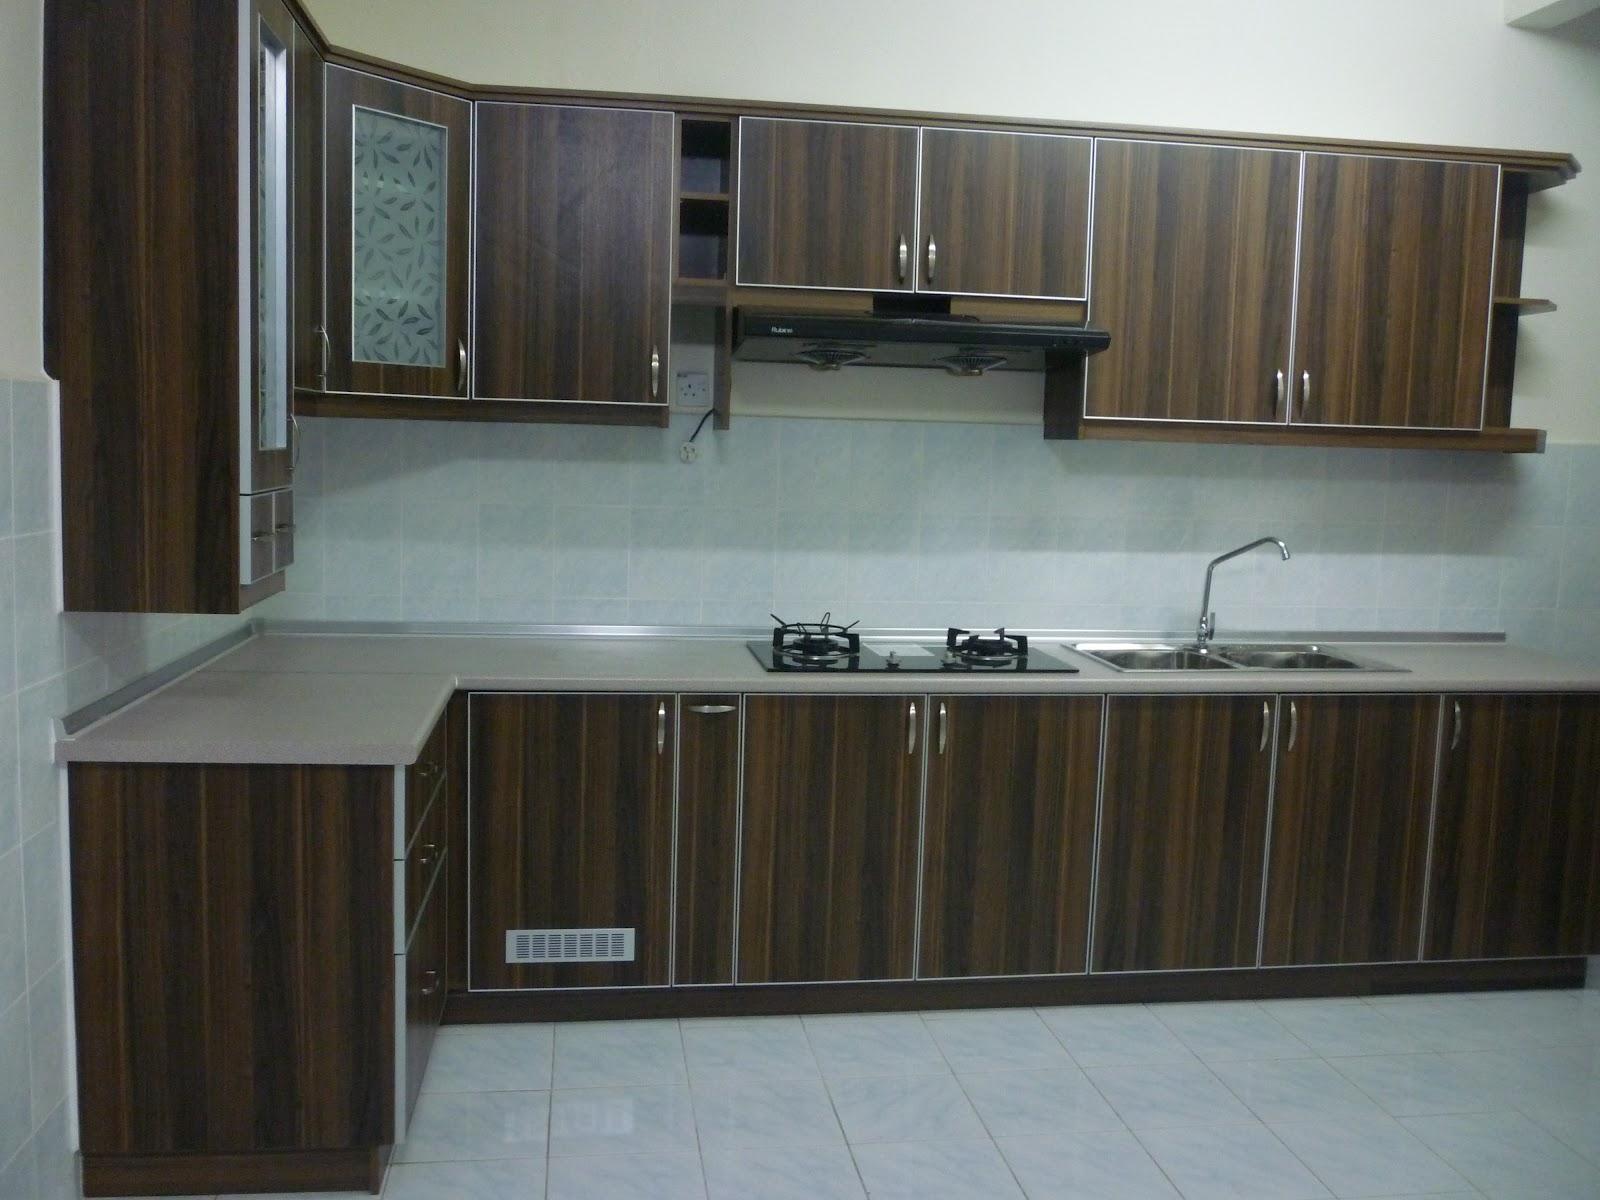 Wonderful Melamine Kitchen Cabinet Photos Decors – Dievoon